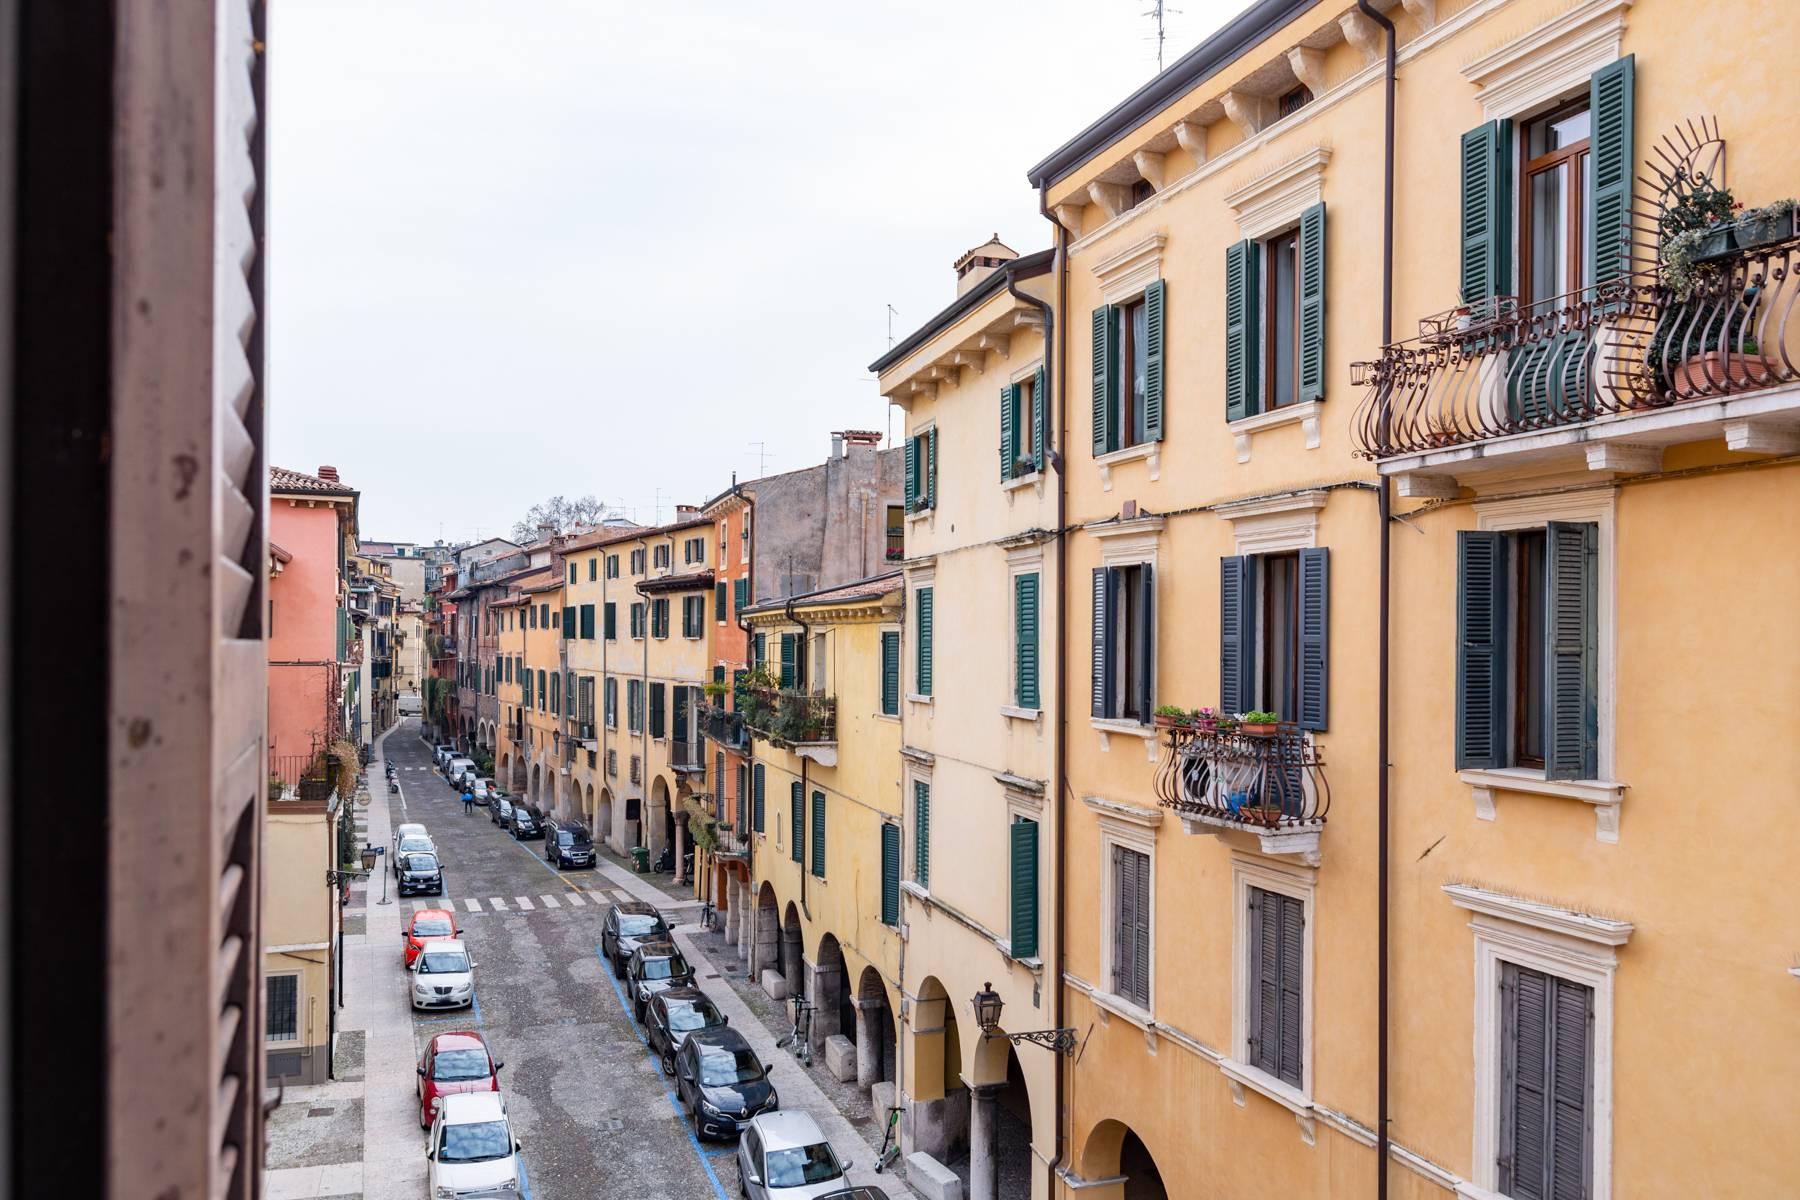 Attico in Vendita a Verona: 5 locali, 185 mq - Foto 24